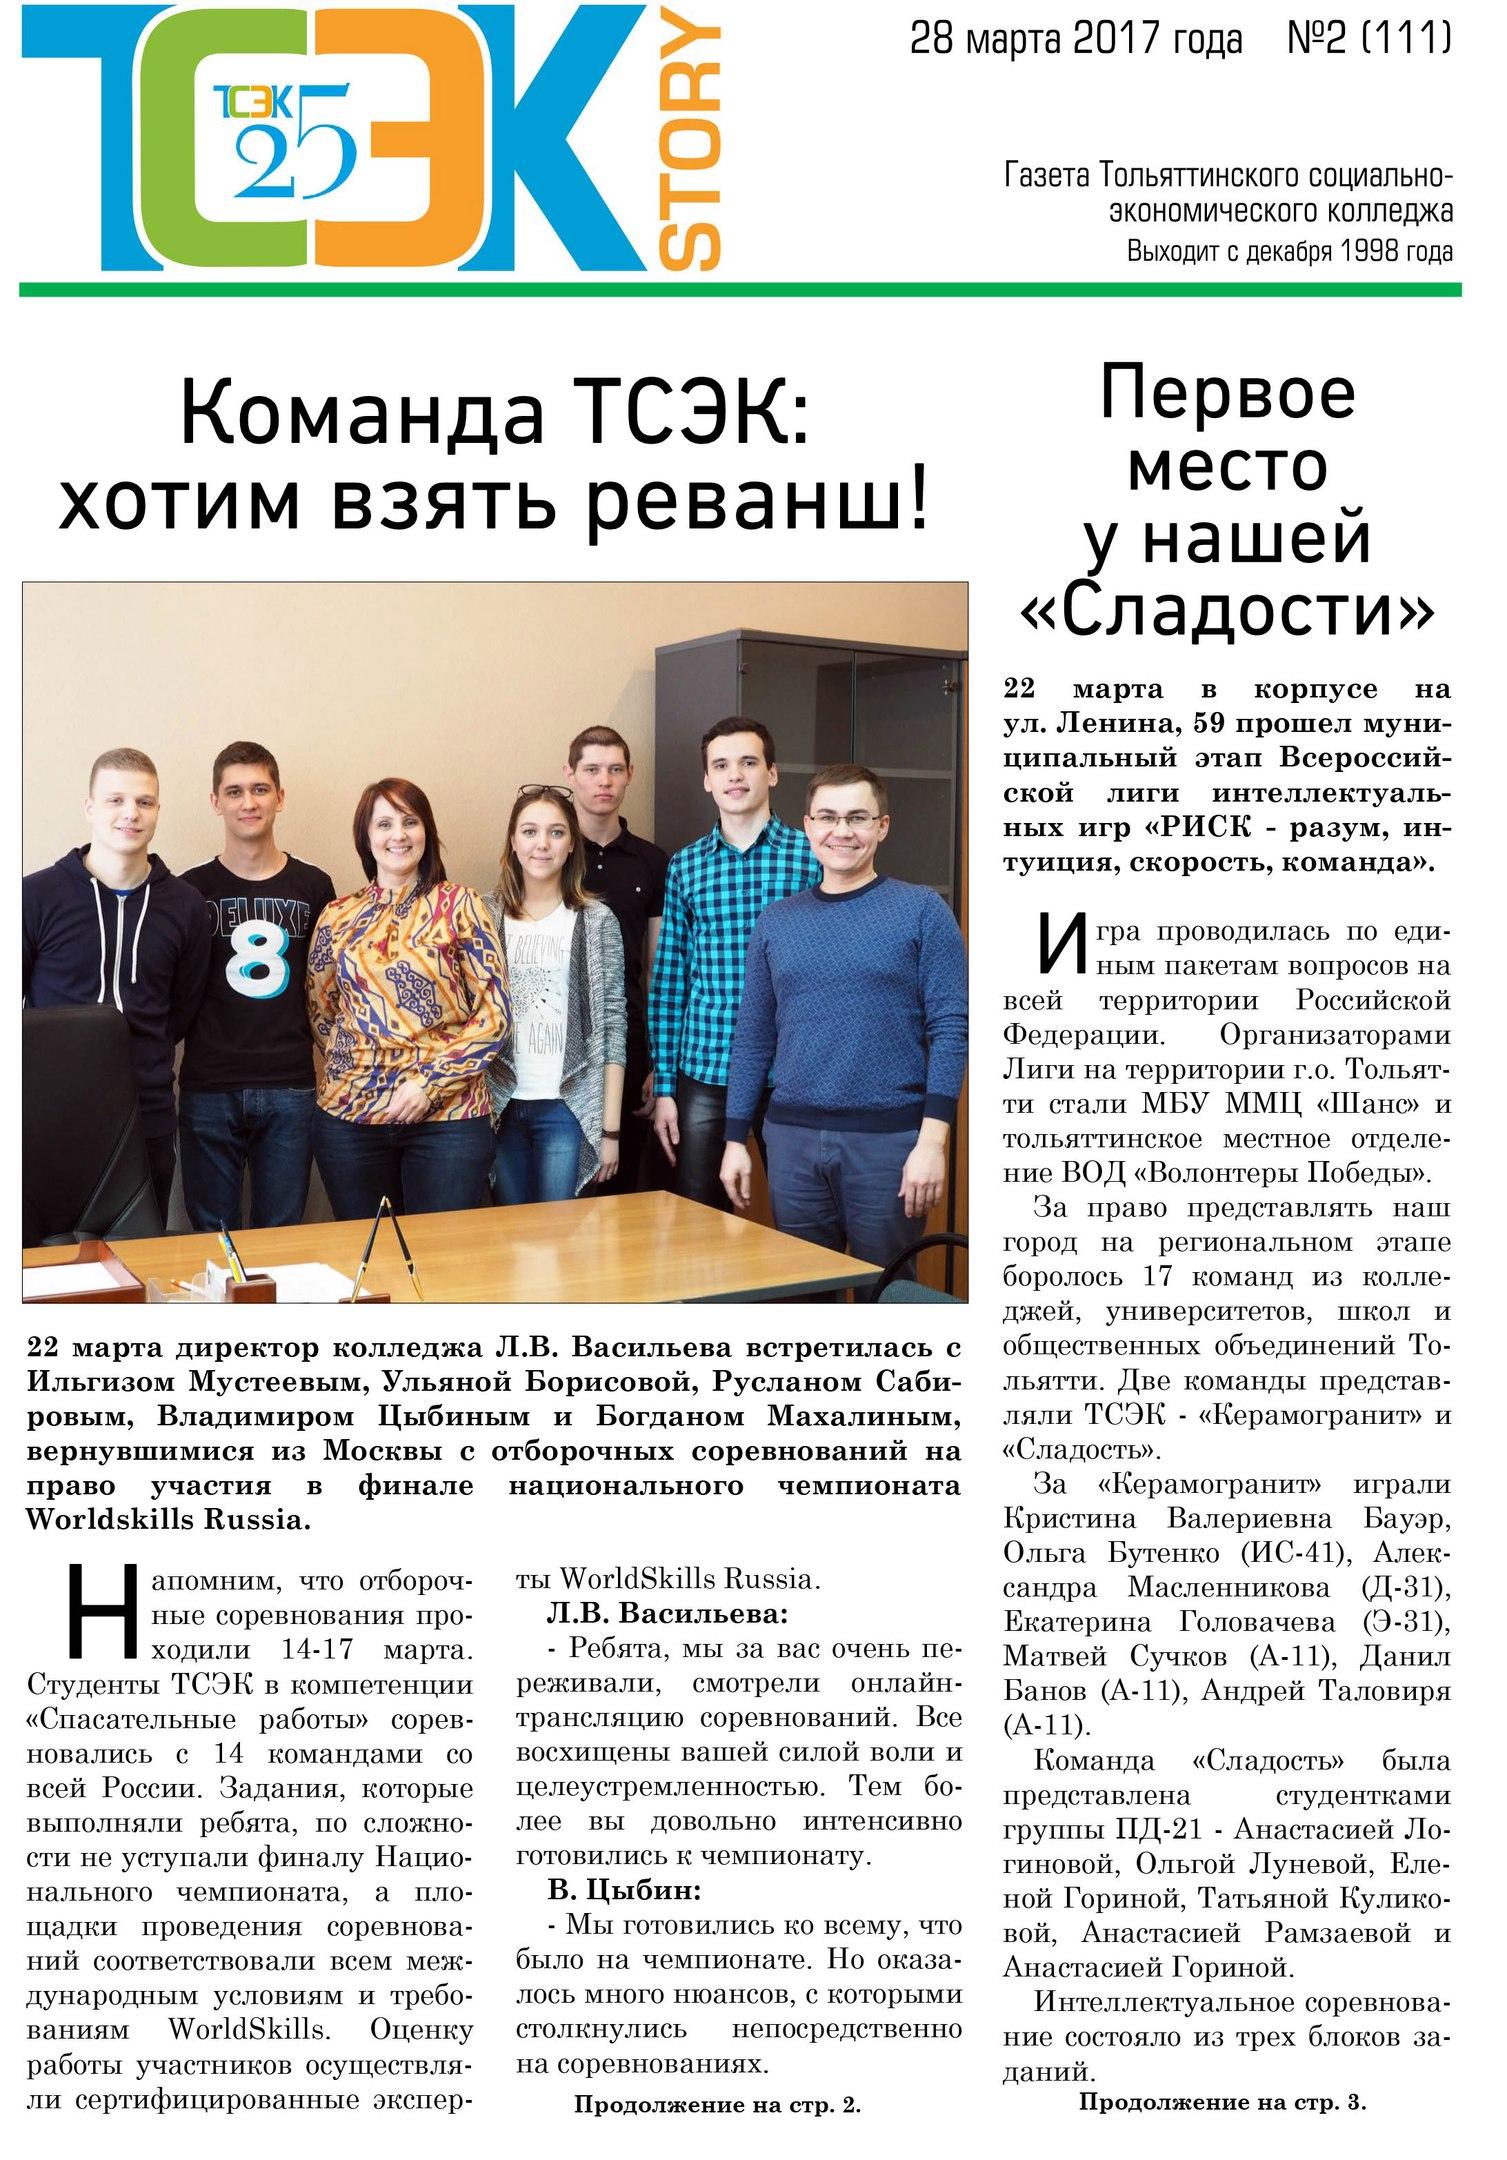 ТСЭКstory №2 (111) от 28.03.2017